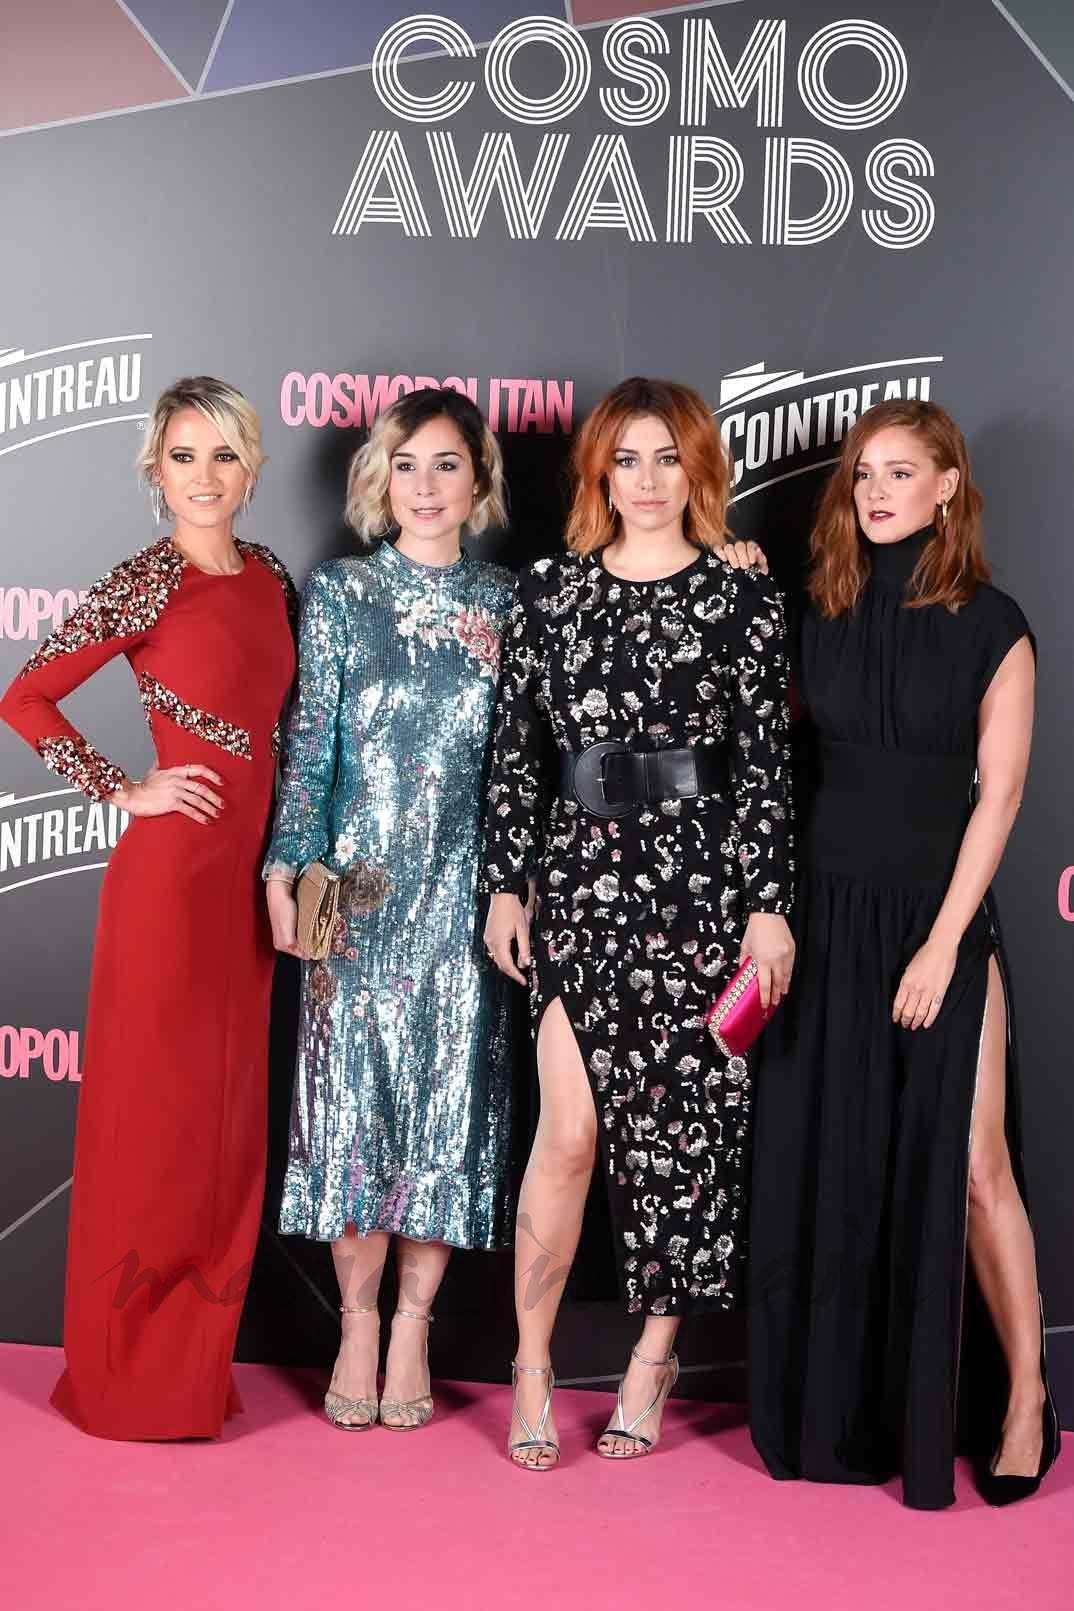 Ana Fernández, Nadia de Santiago, Blanca Suárez y Ana Polvorosa - Las chicas del cable - Premios Cosmopolitan 2017